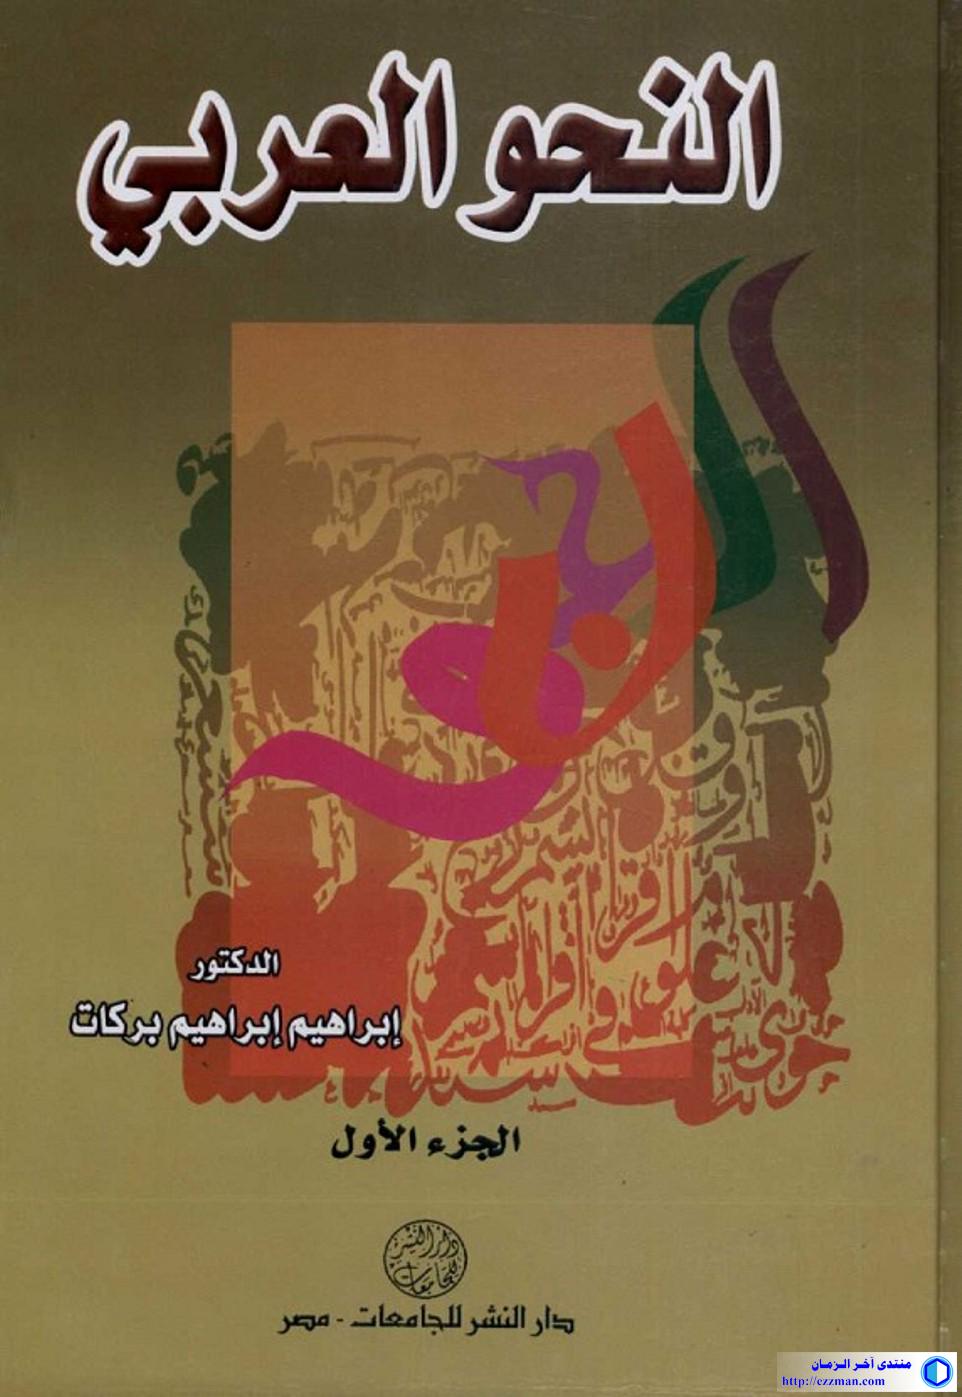 النحو العربي أجزاء